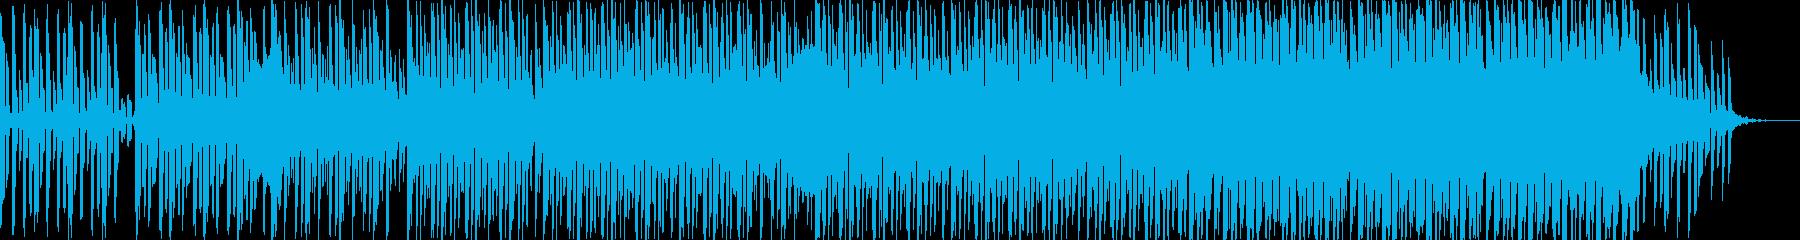 浮遊なハウスミュージックの再生済みの波形